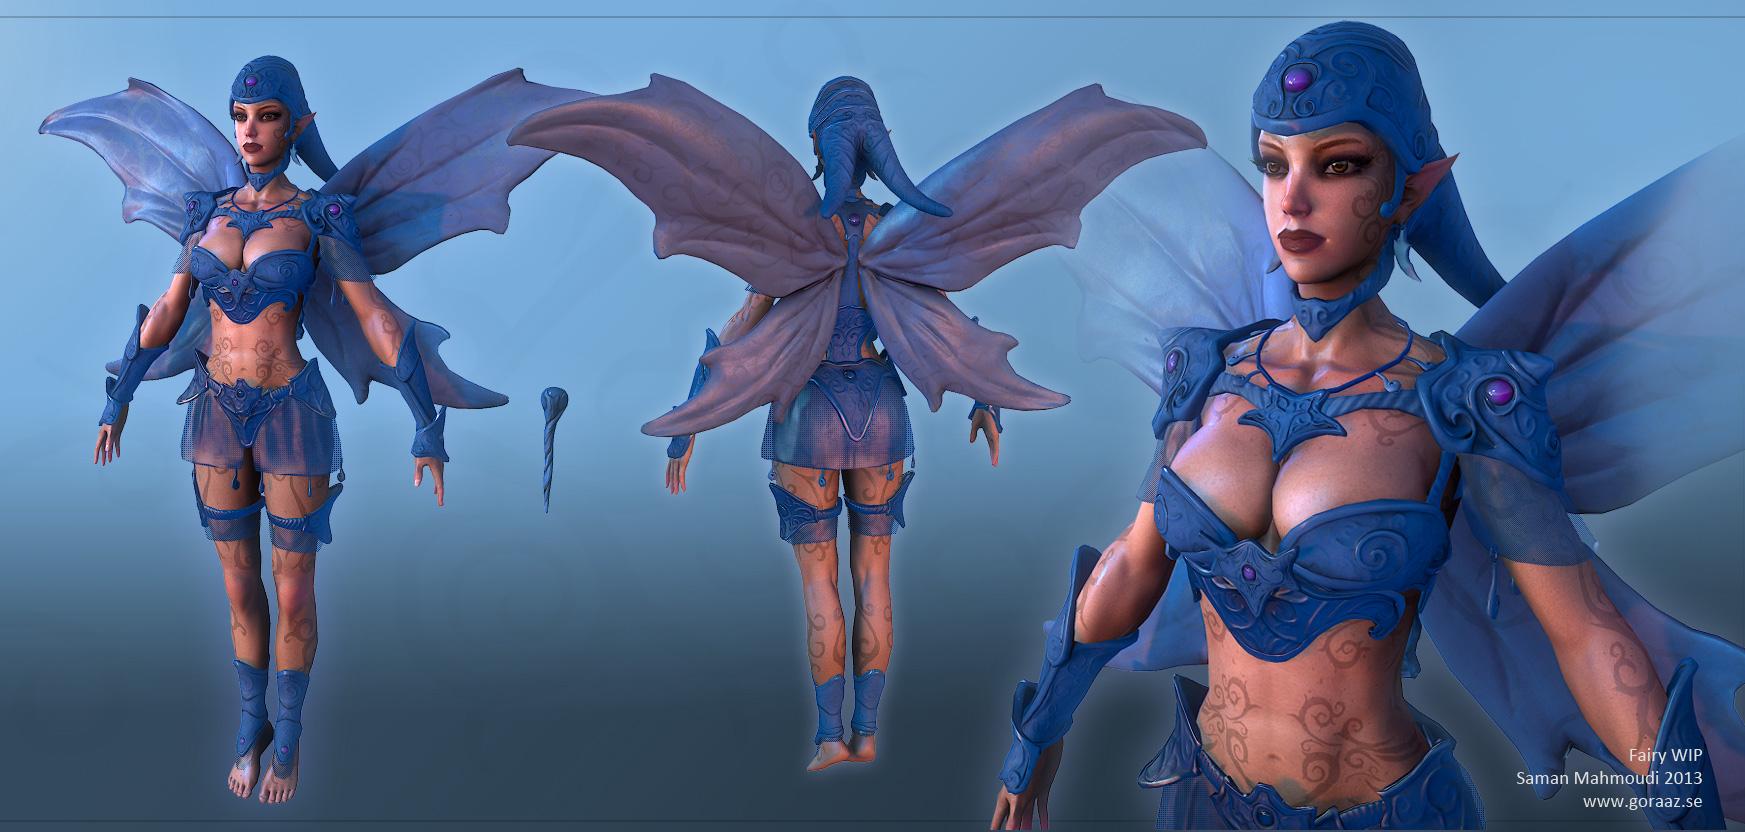 Fairy_130917.jpg